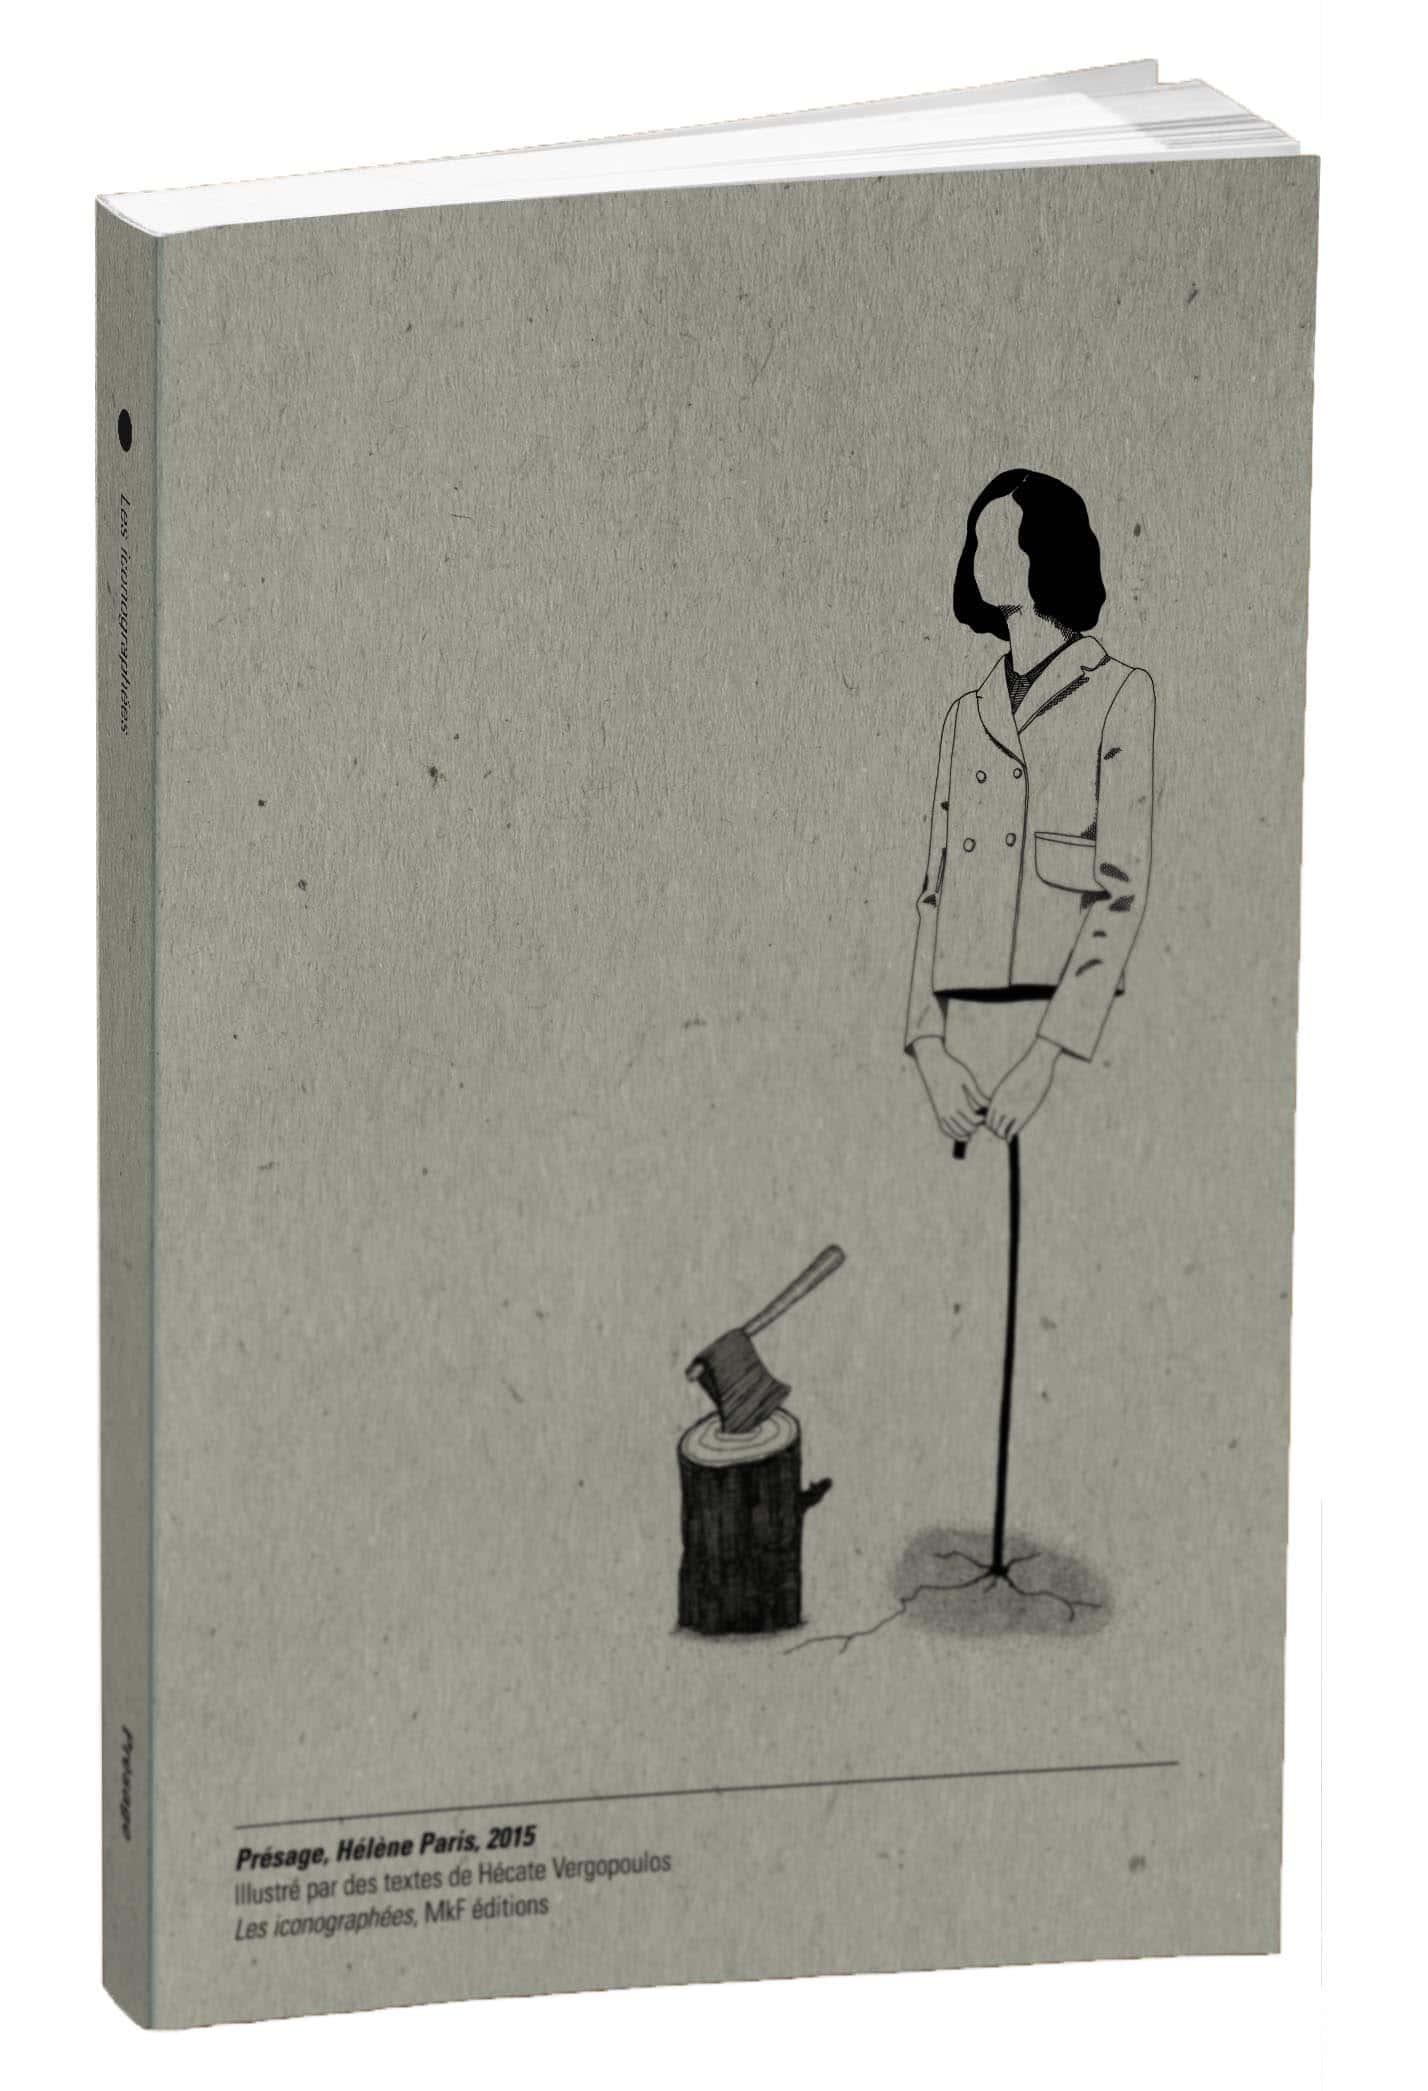 Présage - Hélène Paris - MkF éditions